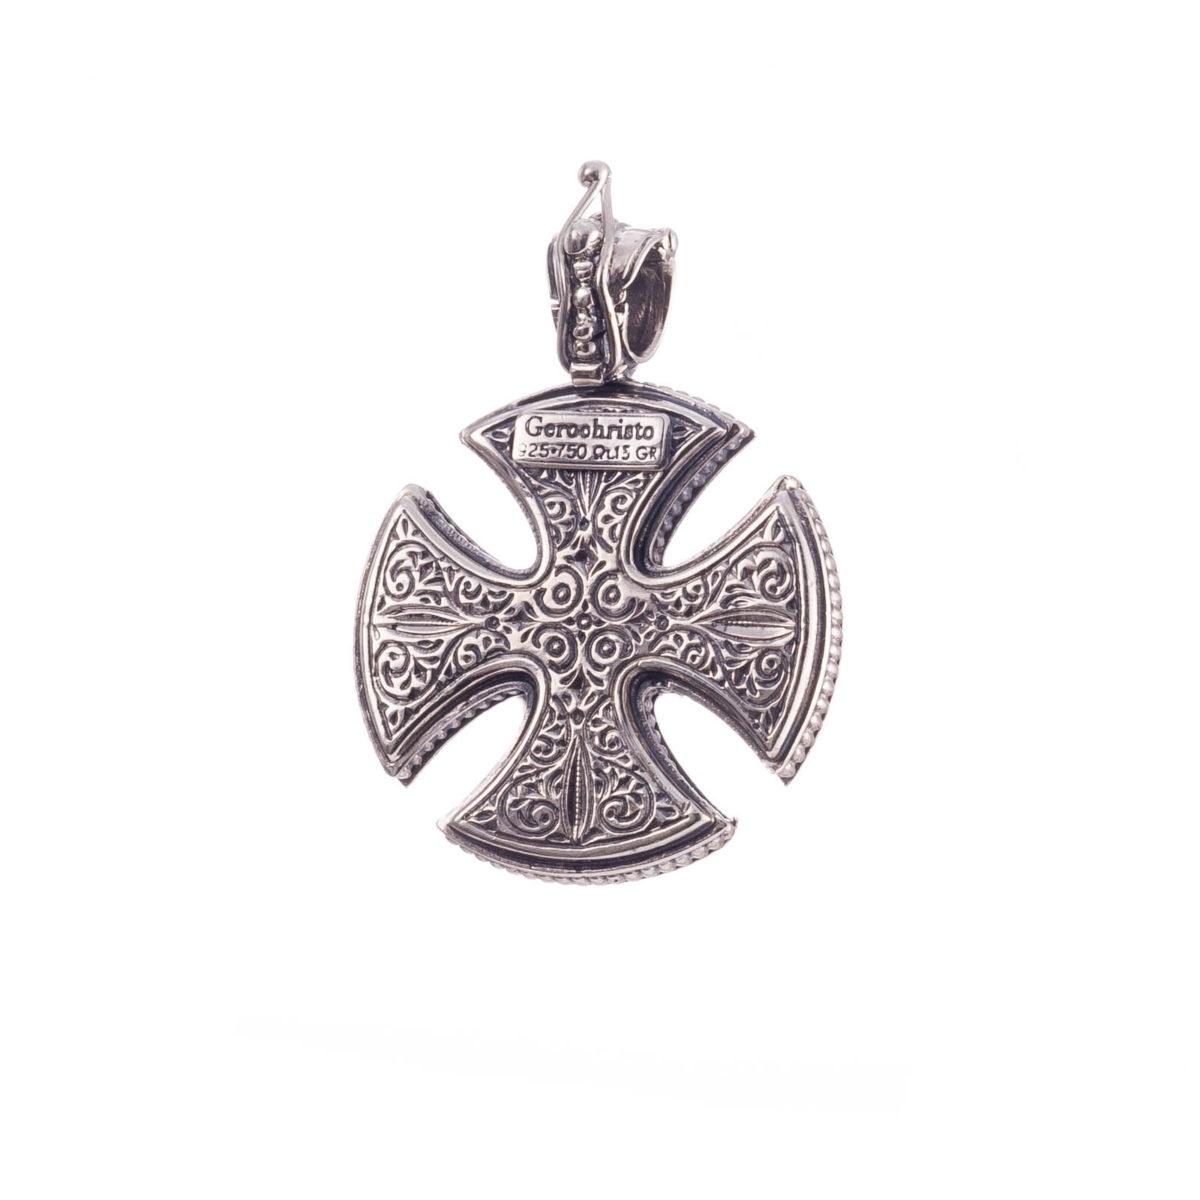 Χειροποίητος Βυζαντινός σταυρός Gerochristos